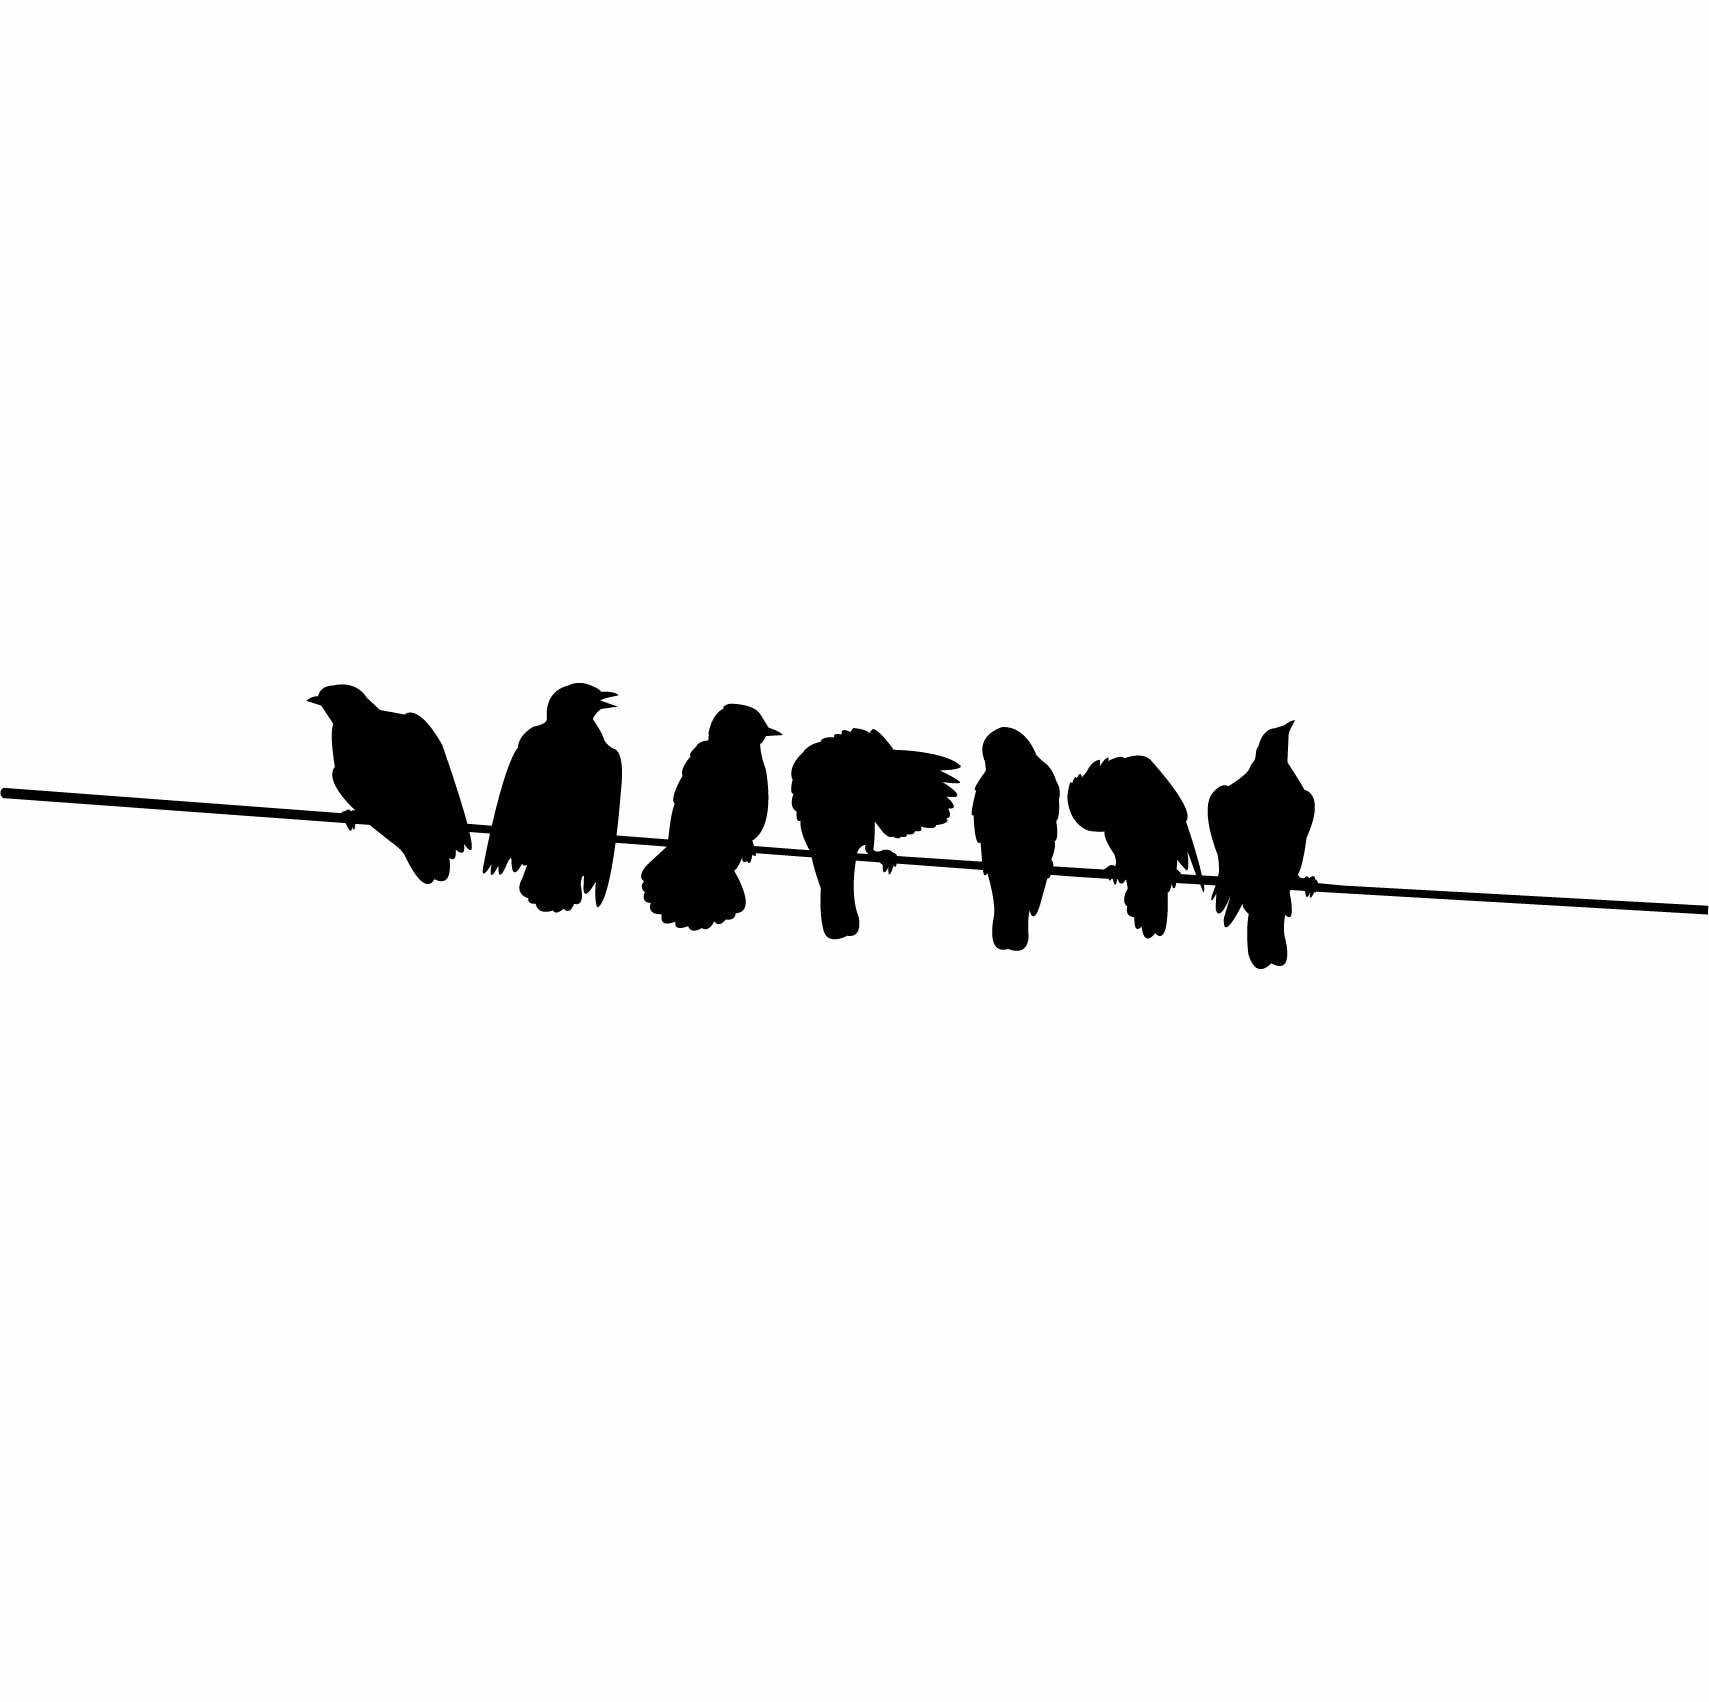 Sticker Oiseaux Sur Un Fil stickers oiseaux sur un fil